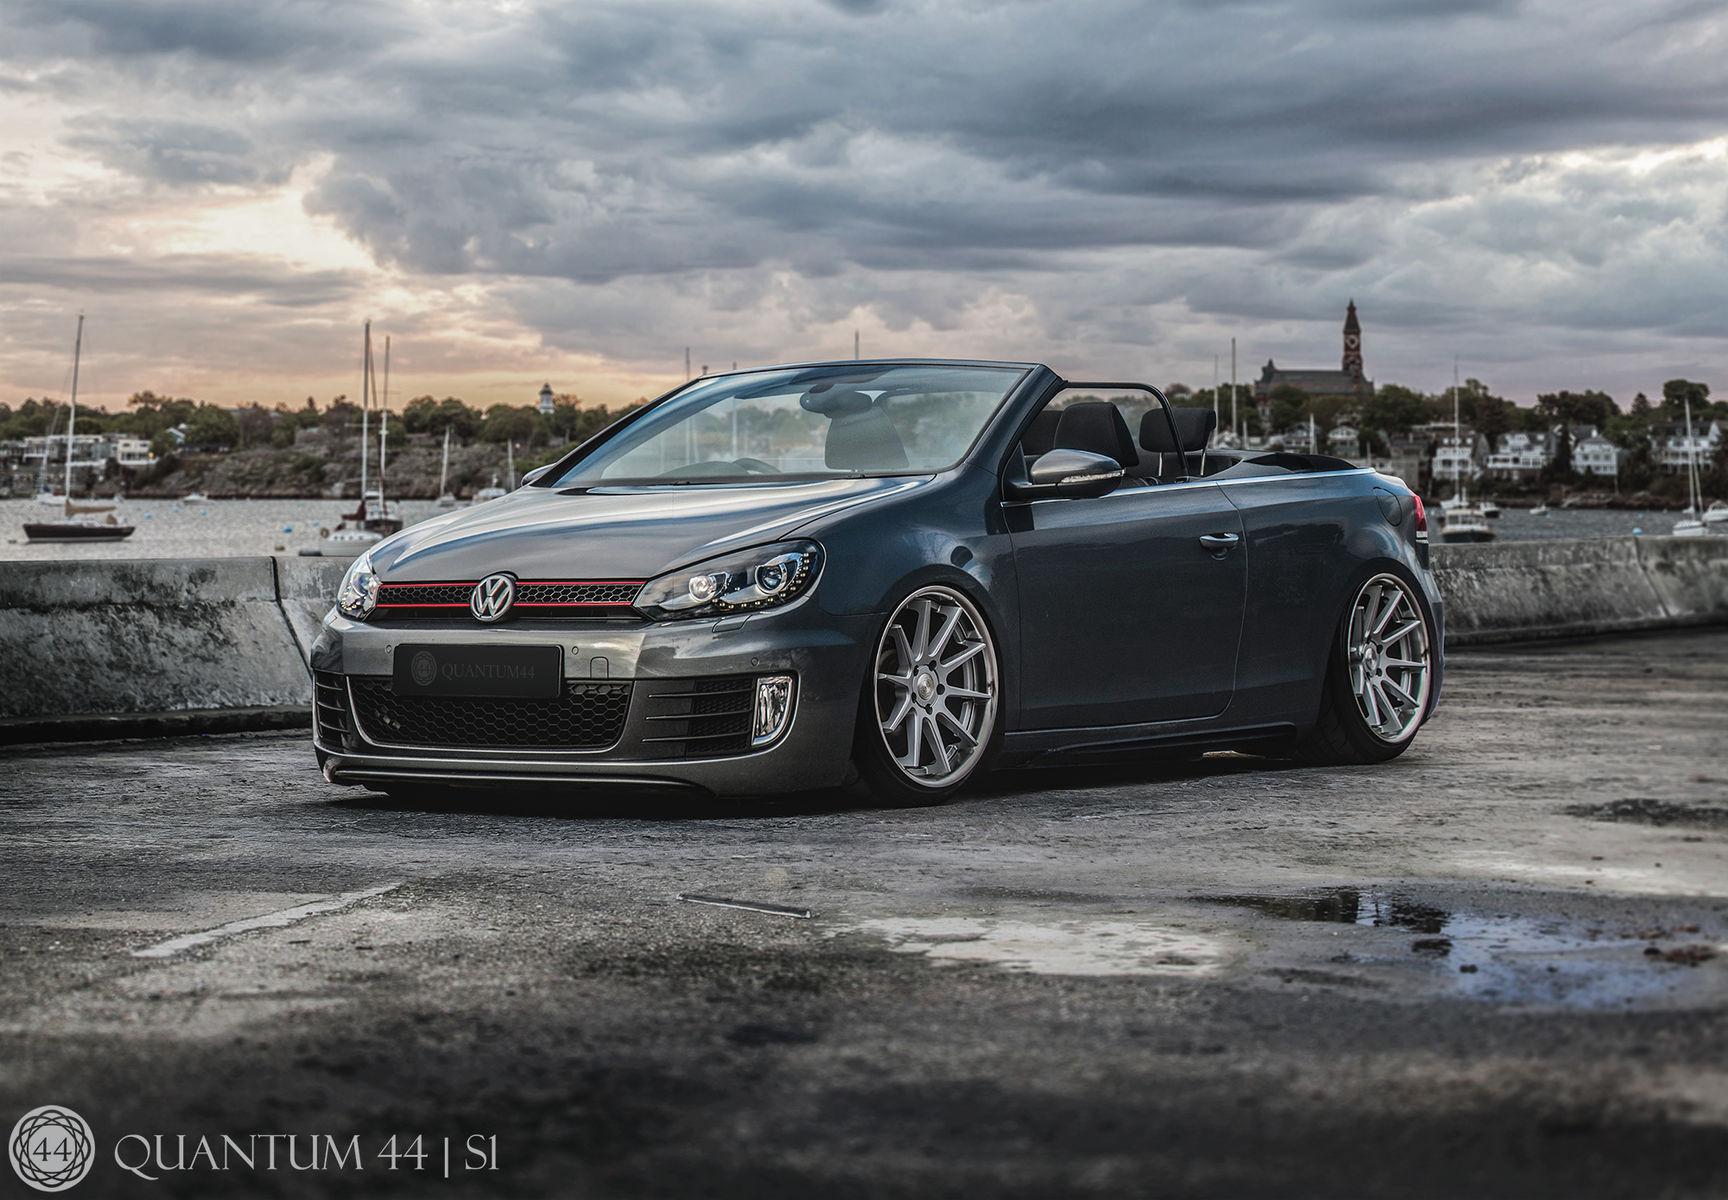 Volkswagen Golf | Volkswagen Golf GTI Cabrio - Quantum44 S1